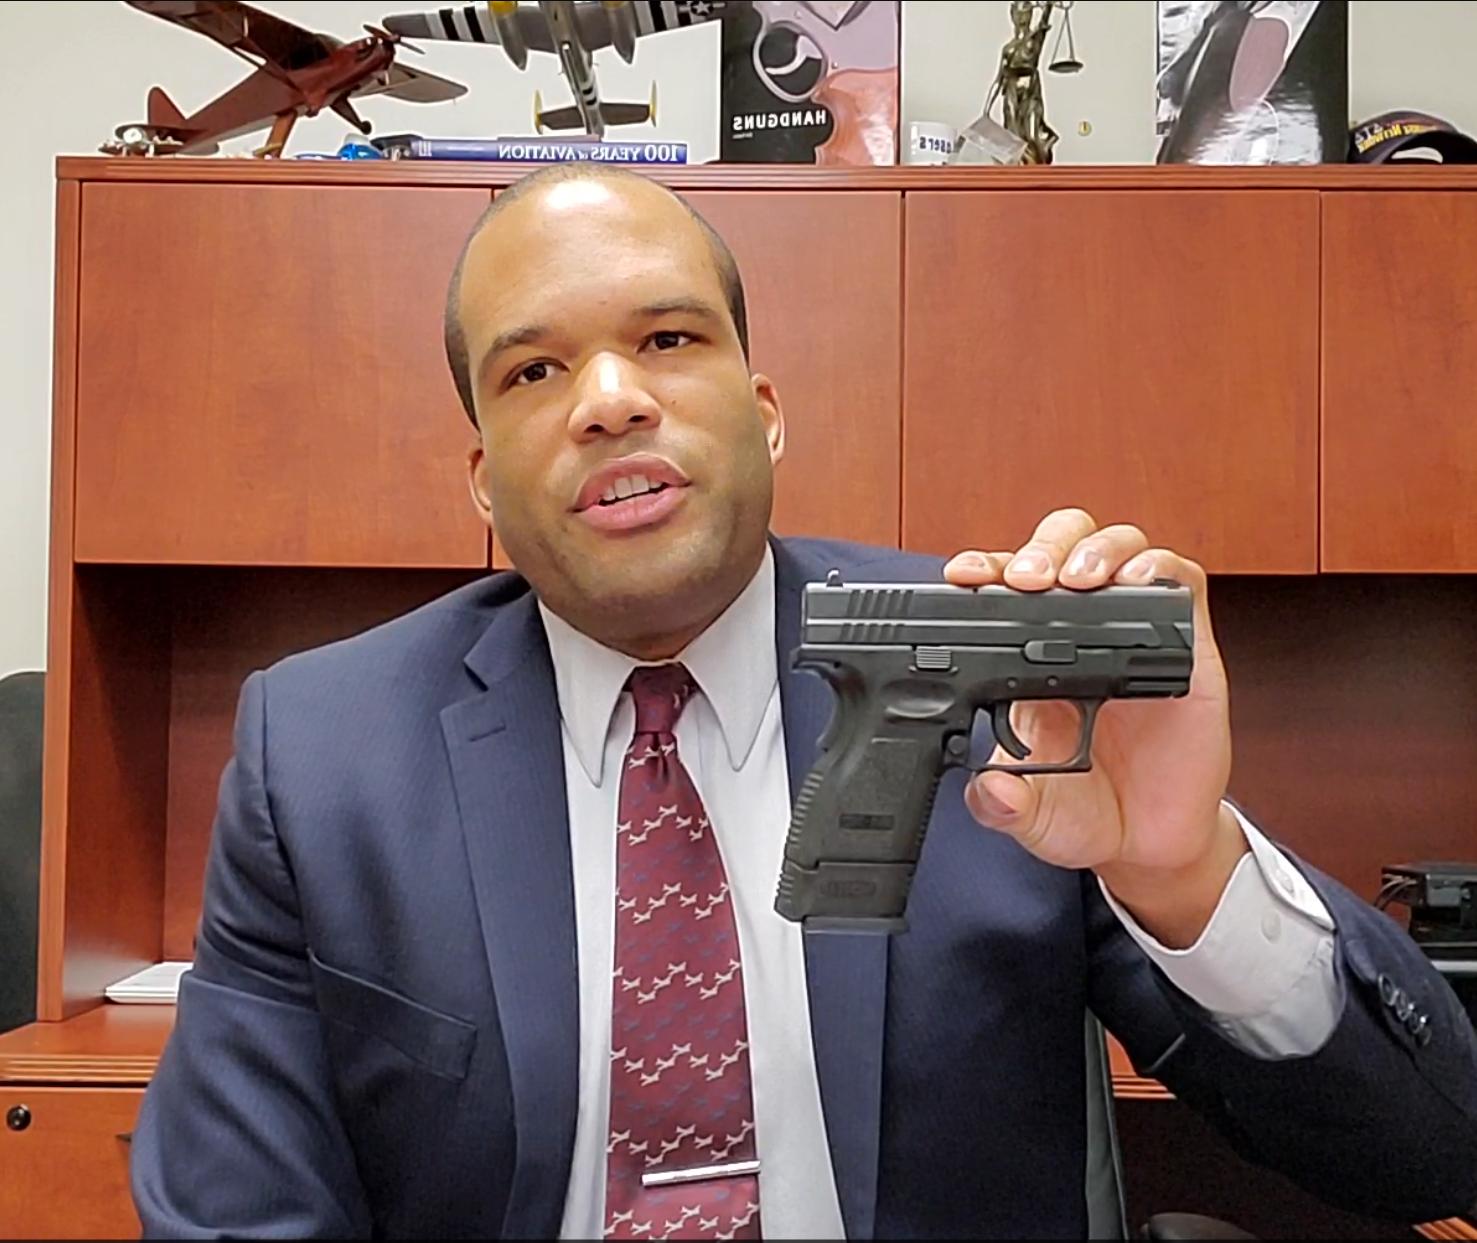 Instructor holding a handgun